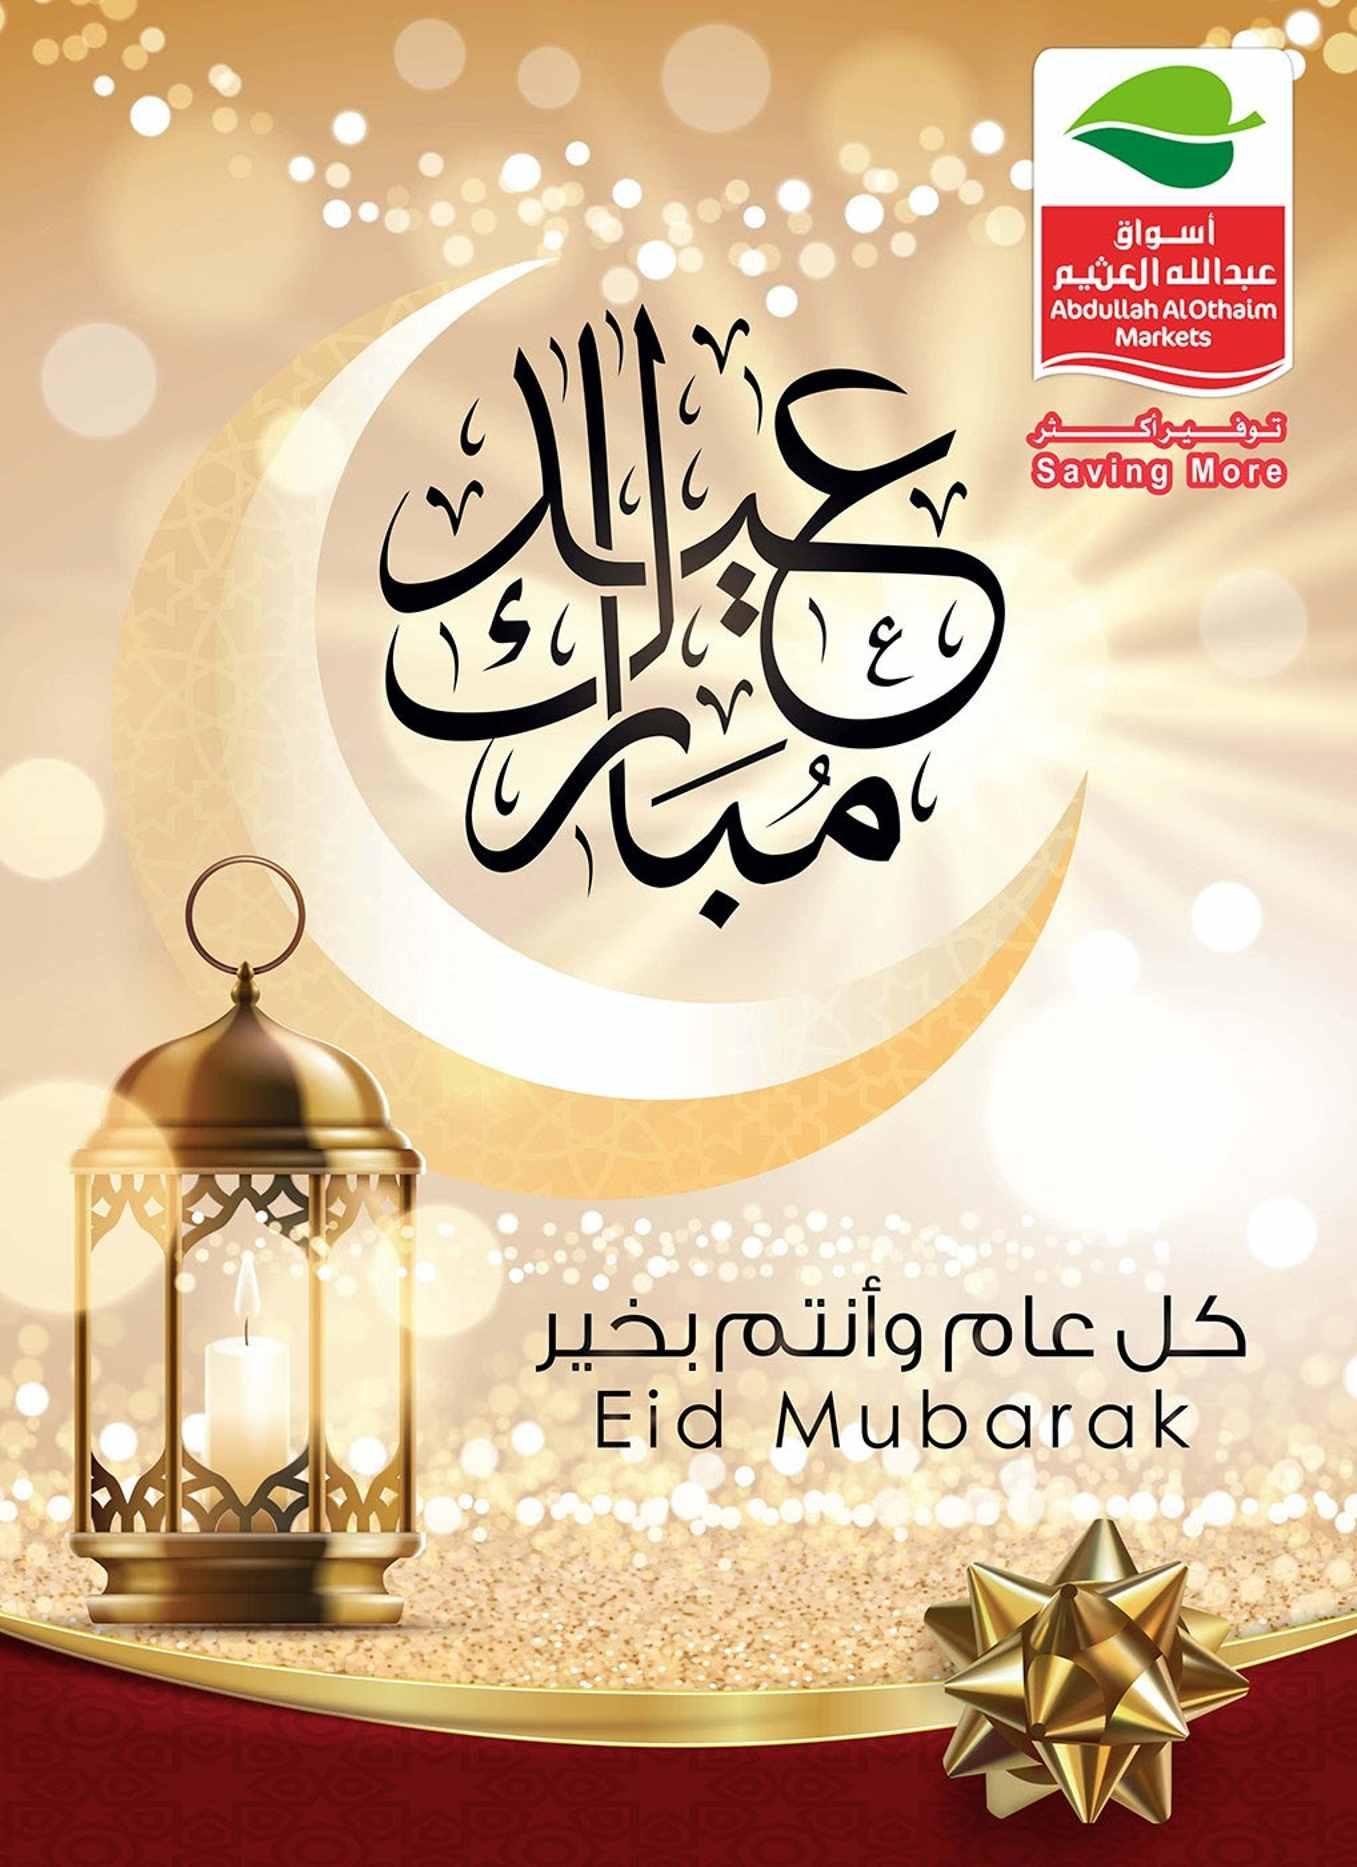 عروض العثيم السعودية اليوم 12 مايو حتى 25 مايو 2021 عروض العيد